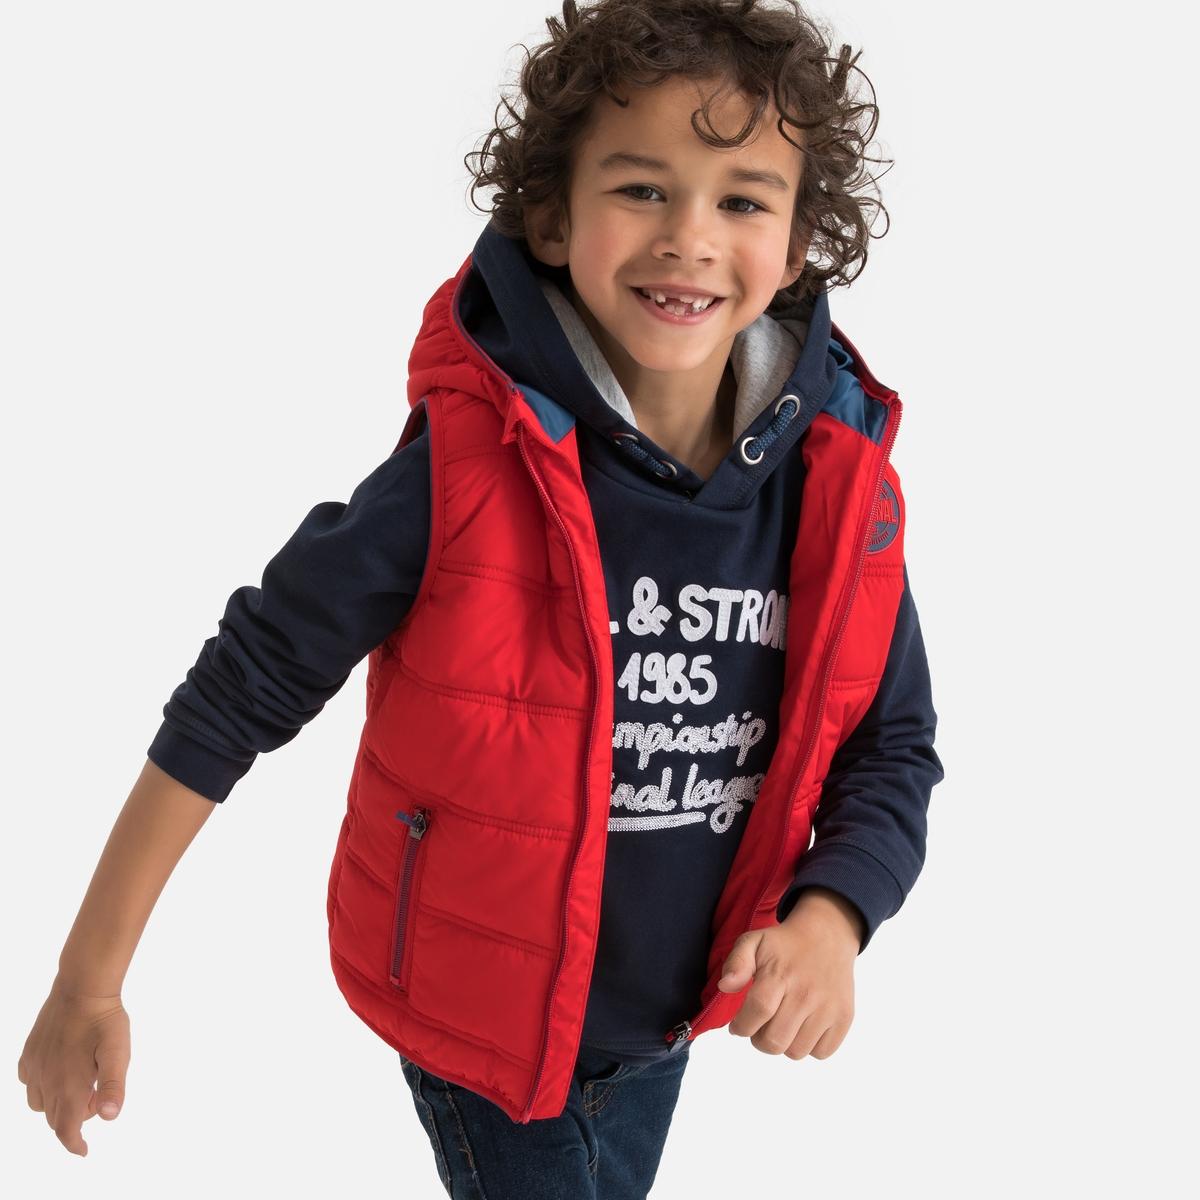 Куртка LaRedoute Без рукавов с капюшоном 3-12 лет 8 лет - 126 см красный платье la redoute расклешенное на тонких бретелях с рисунком 3 12 лет 8 лет 126 см розовый